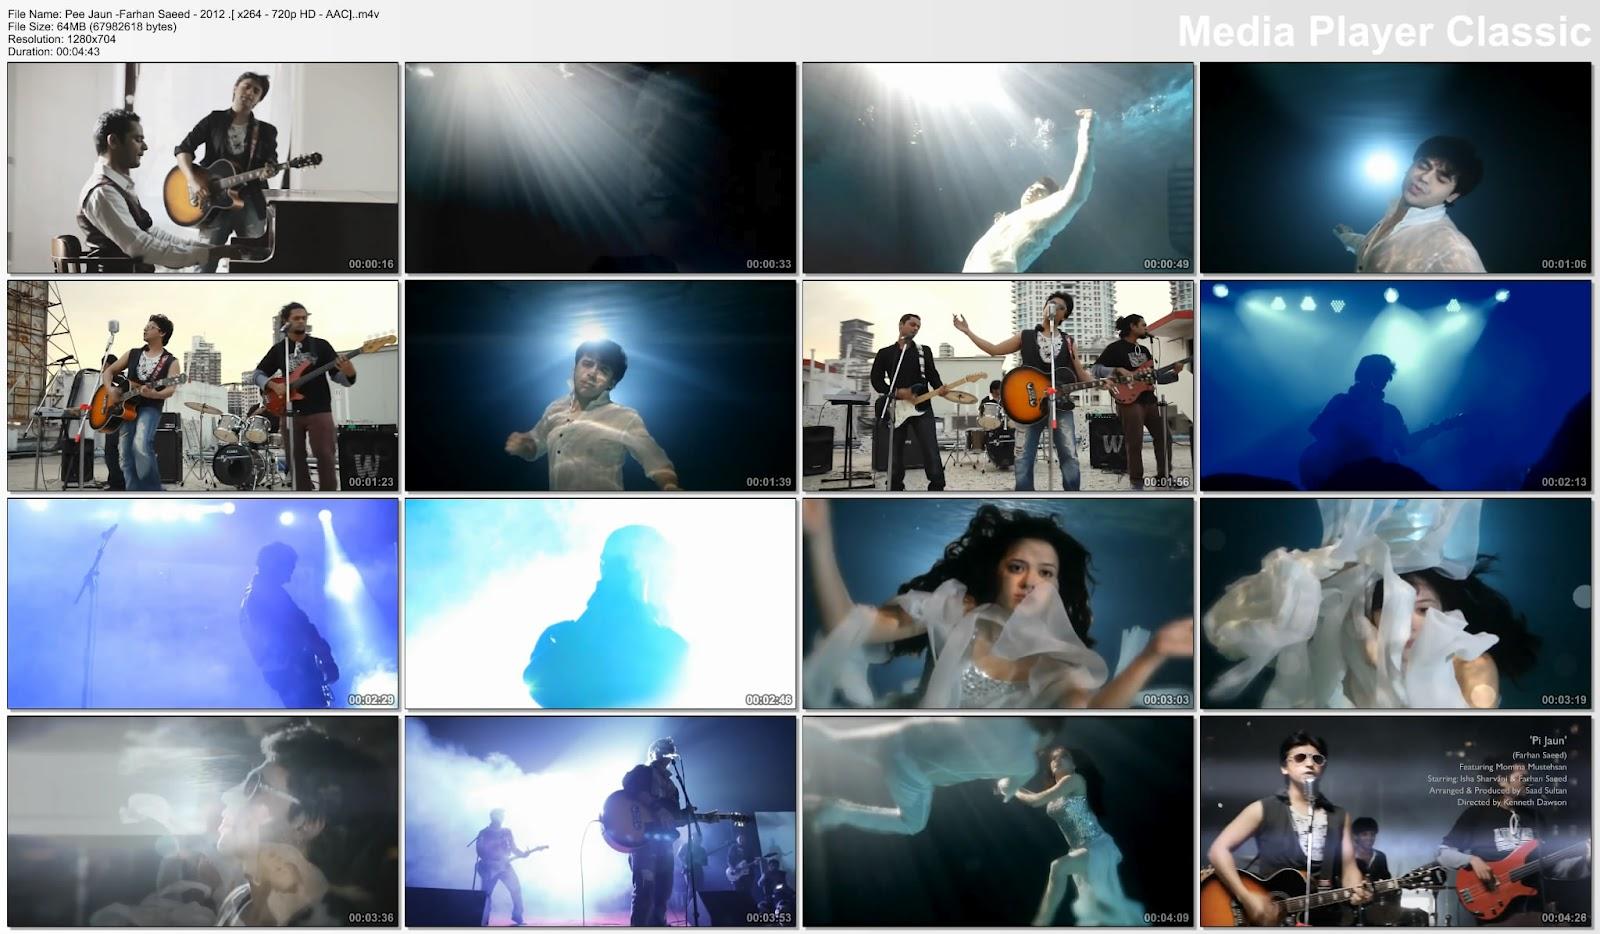 http://4.bp.blogspot.com/-BKWcEpJV7AY/T4FqiOjj4EI/AAAAAAAAAps/WtcYfBjEbUw/s1600/Pee+Jaun+-Farhan+Saeed+-+2012+.%5B+x264+-+720p+HD+-+AAC%5D.%7BMobicareg%7D.m4v_thumbs_%5B2012.04.08_16.07.07%5D.jpg